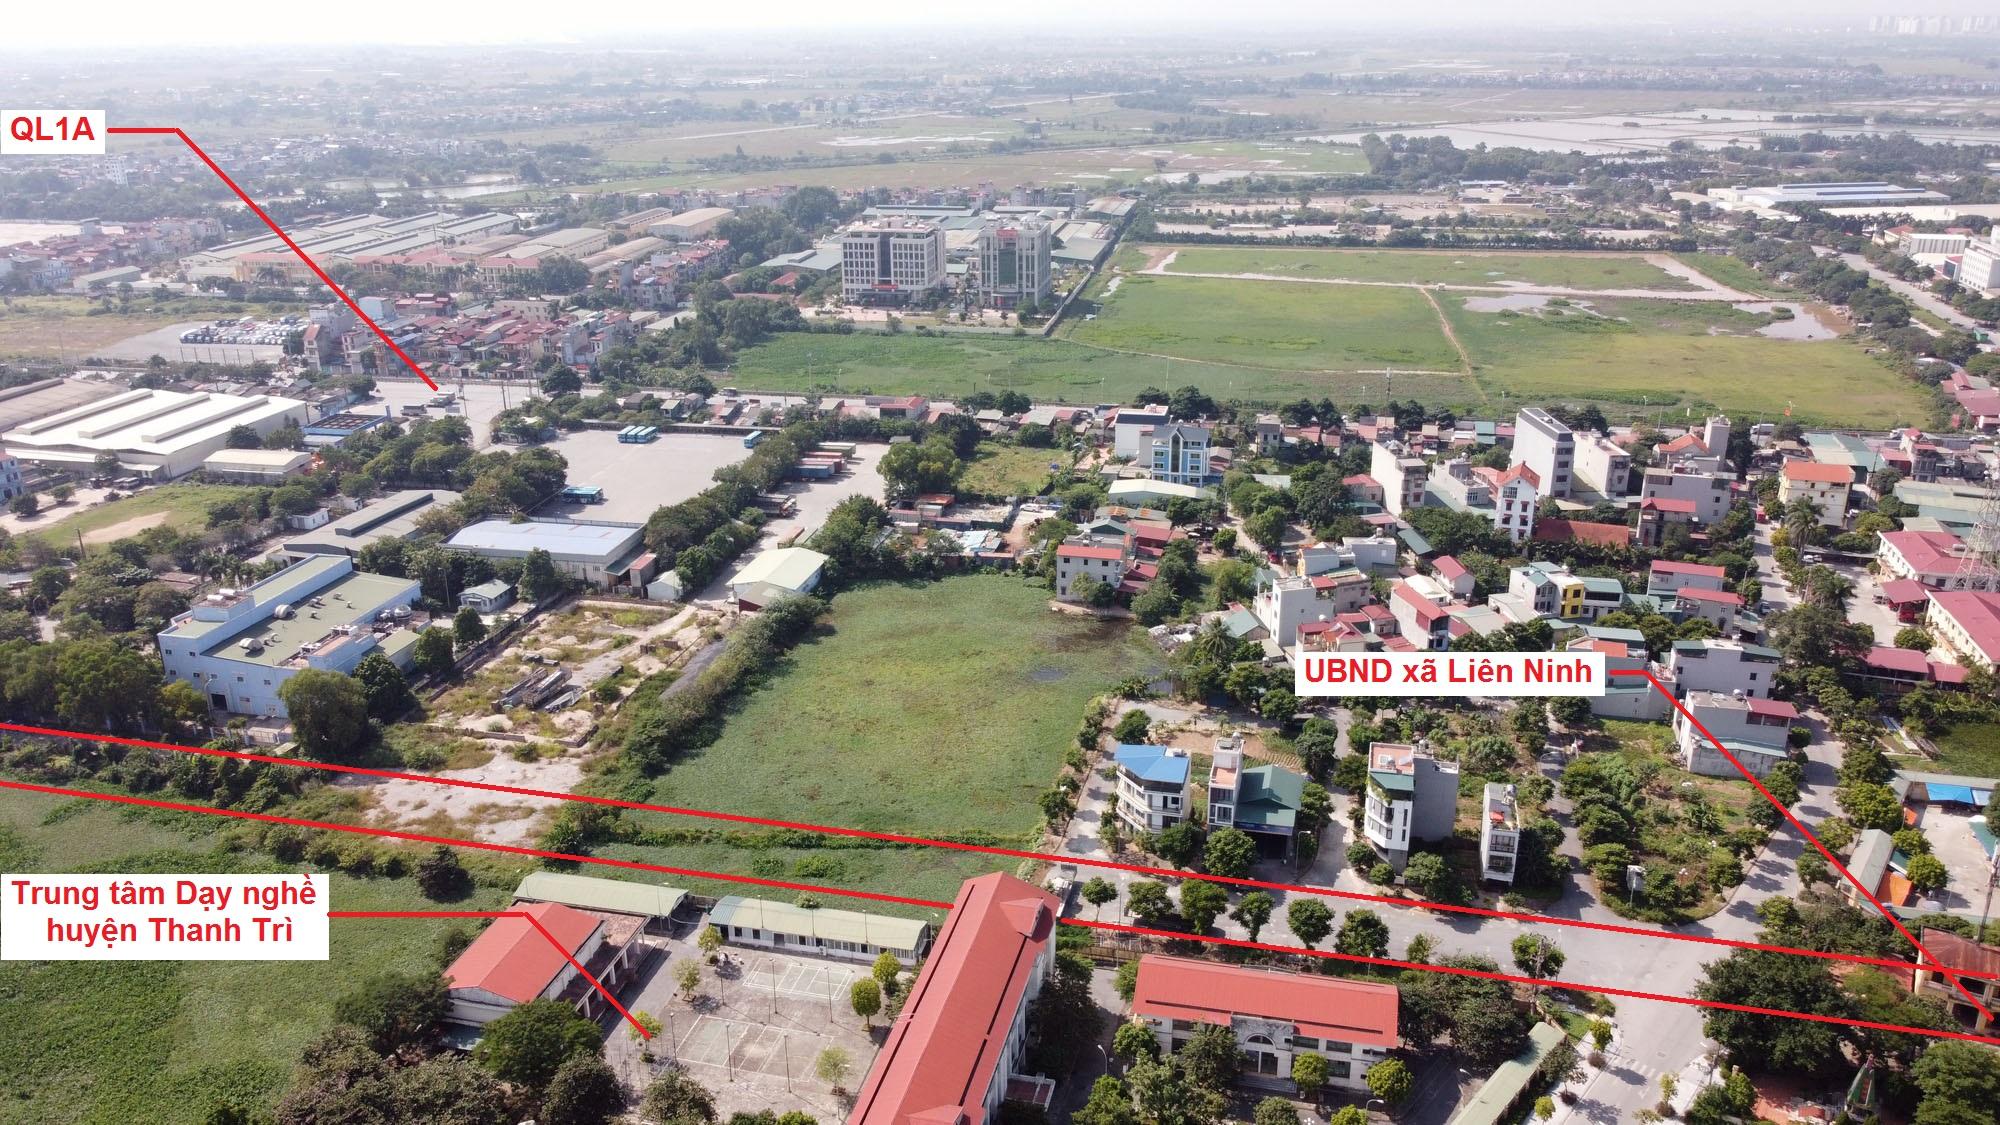 Ba đường sẽ mở theo quy hoạch ở xã Liên Ninh, Thanh Trì, Hà Nội - Ảnh 13.